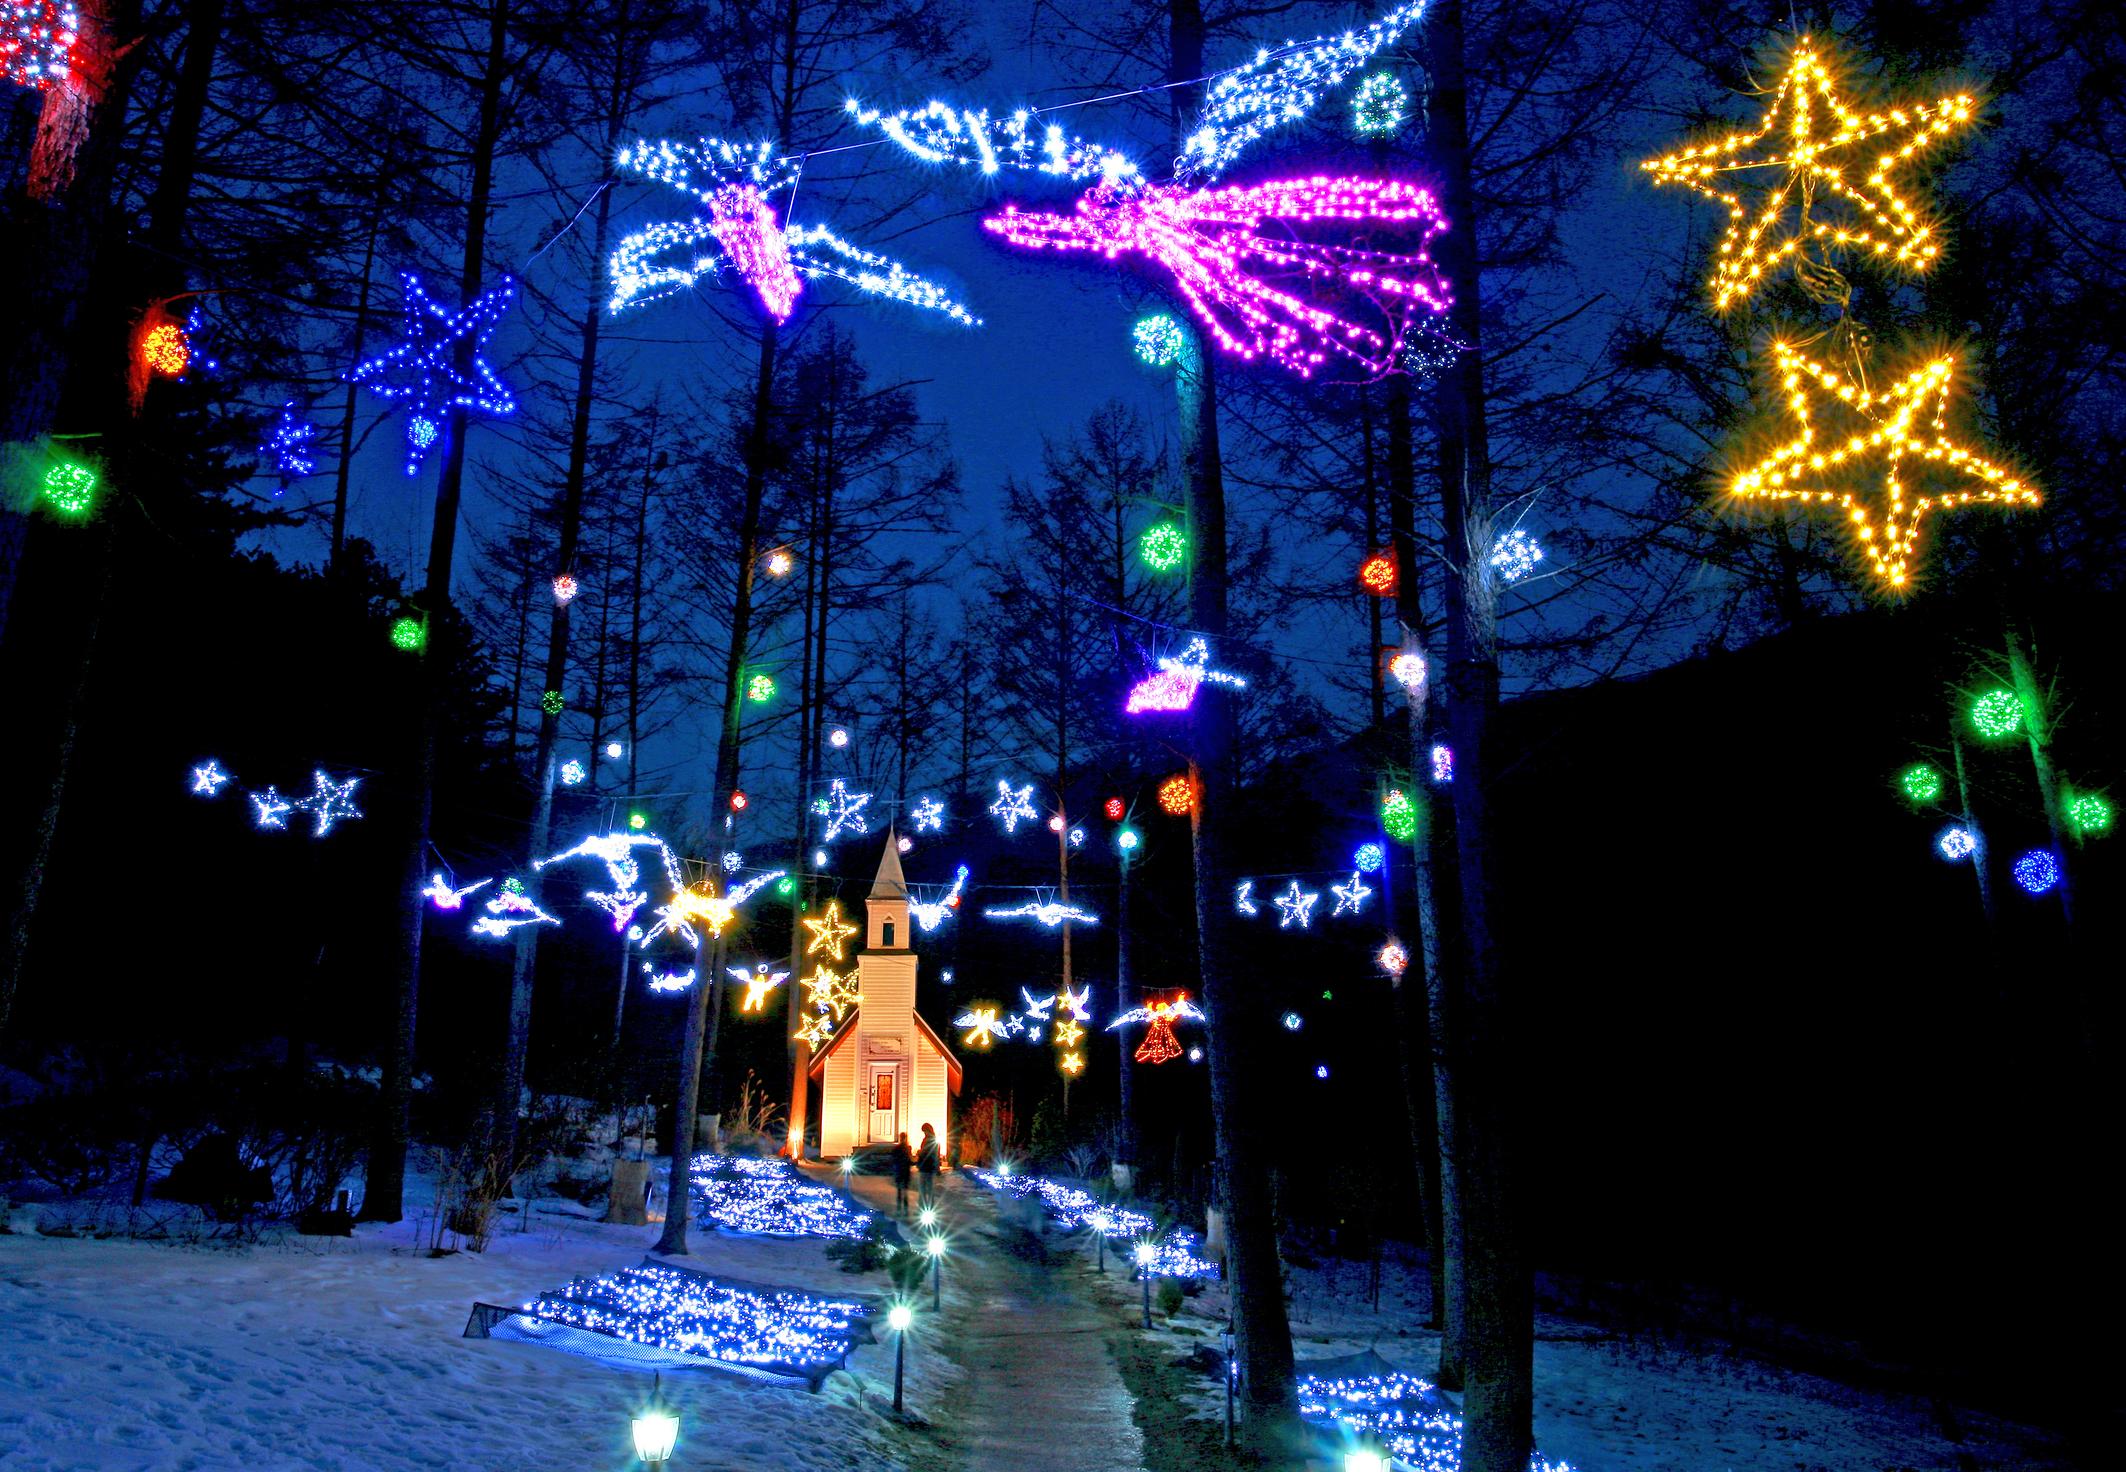 Lighting Festival at The Garden of Morning Calm